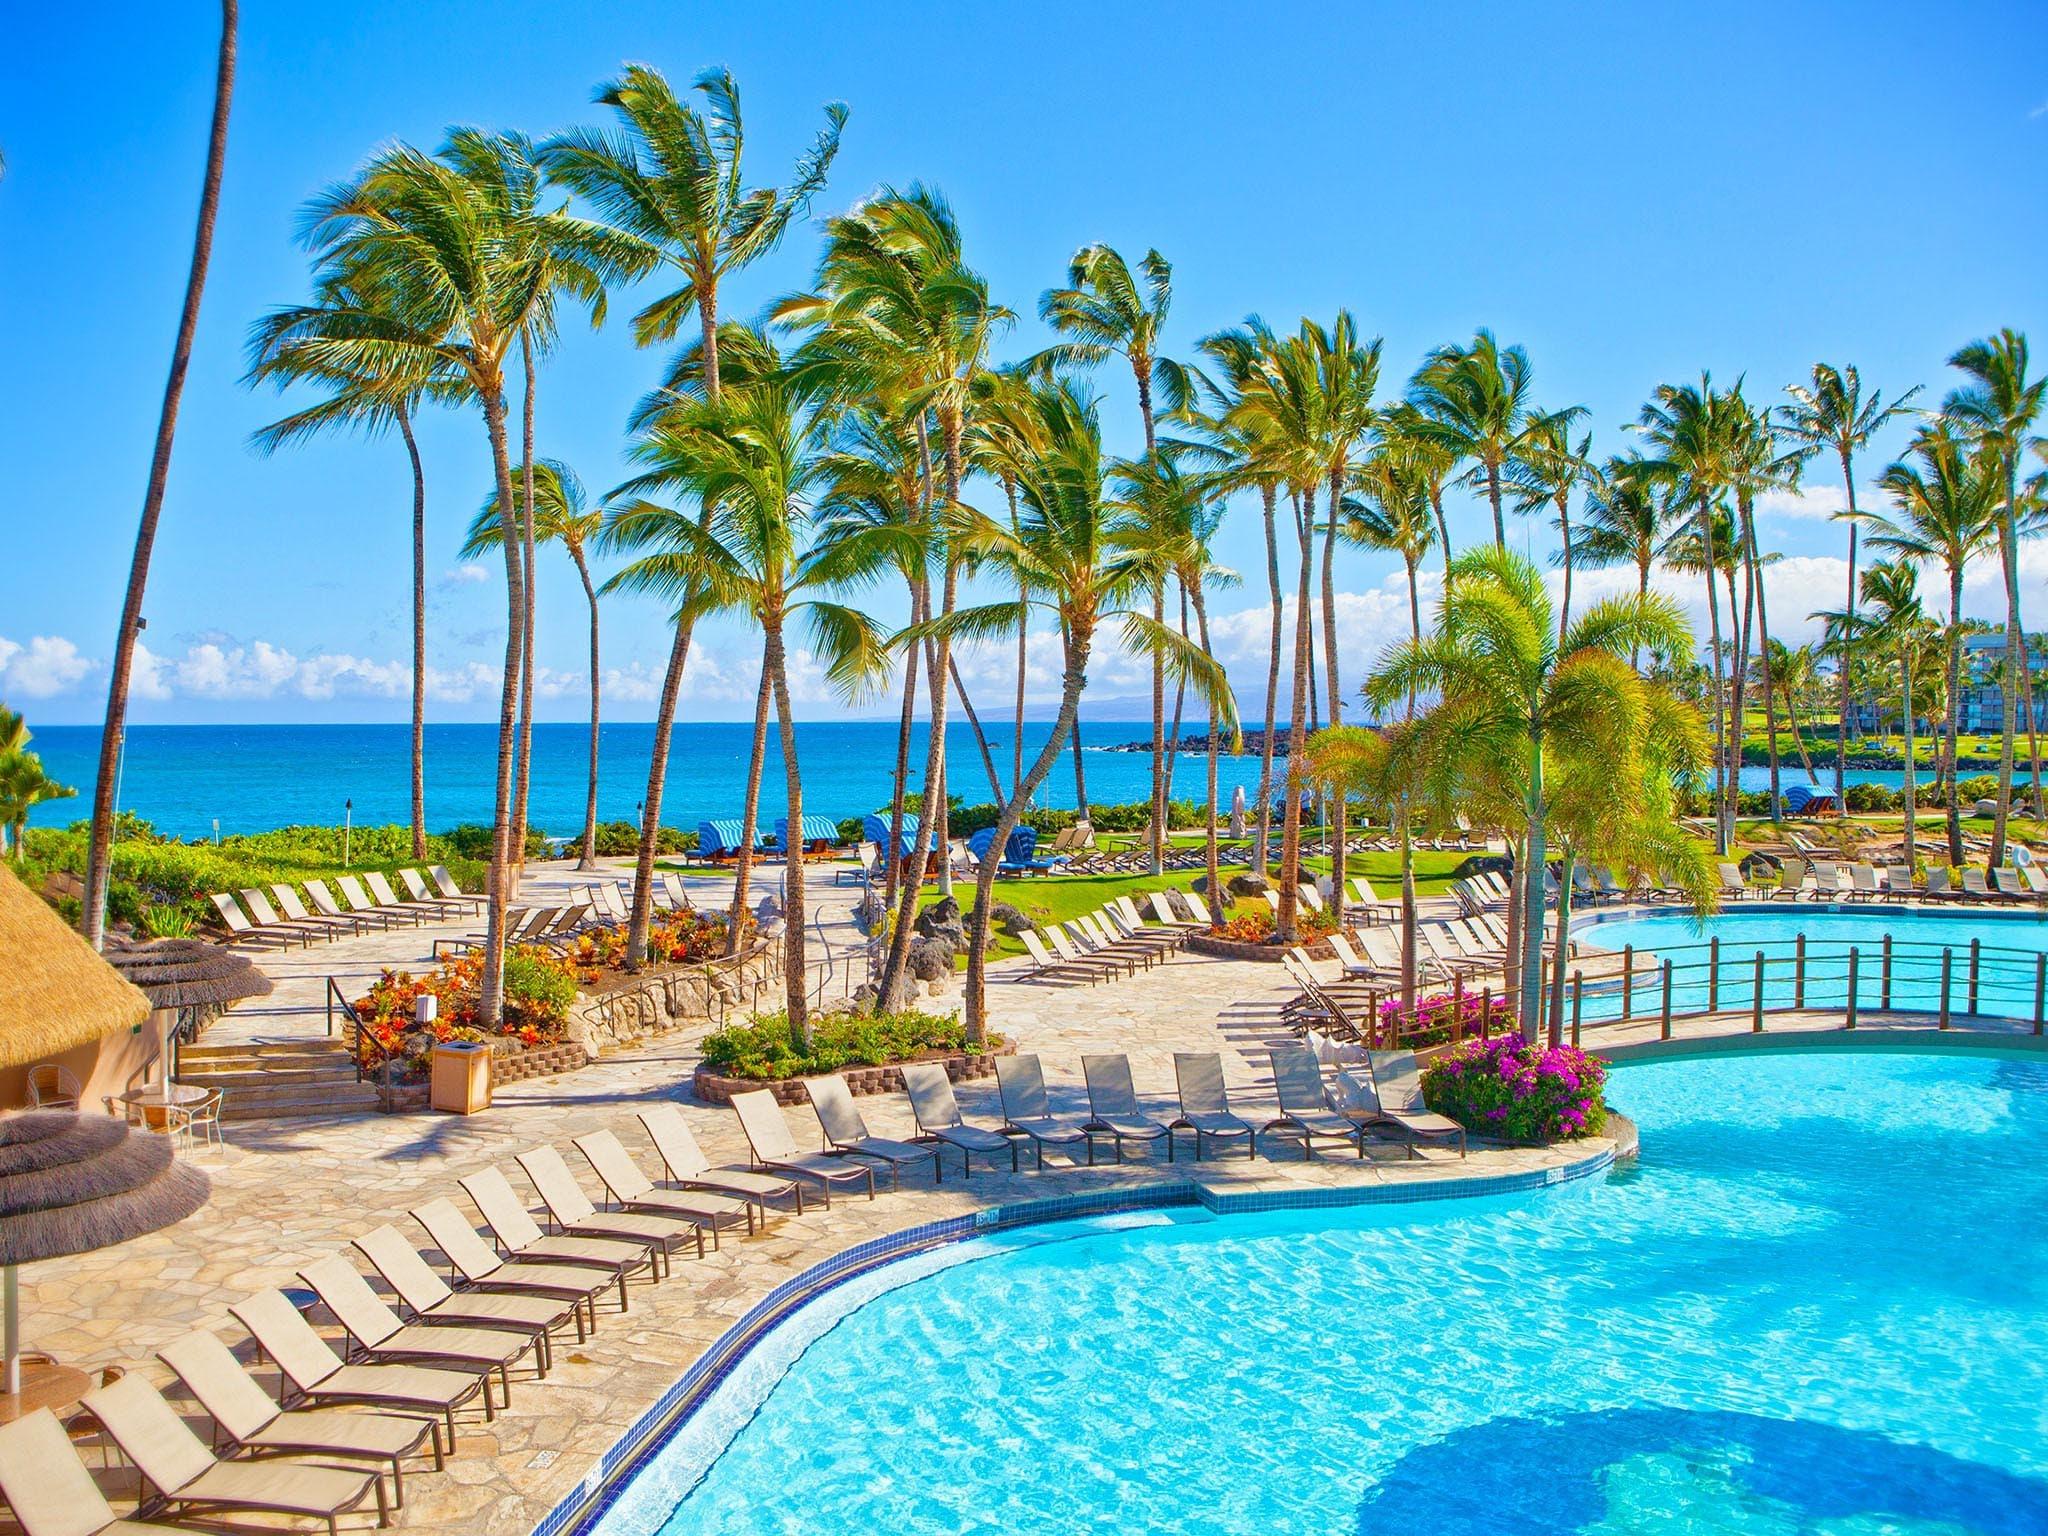 ハワイ旅行 いつから